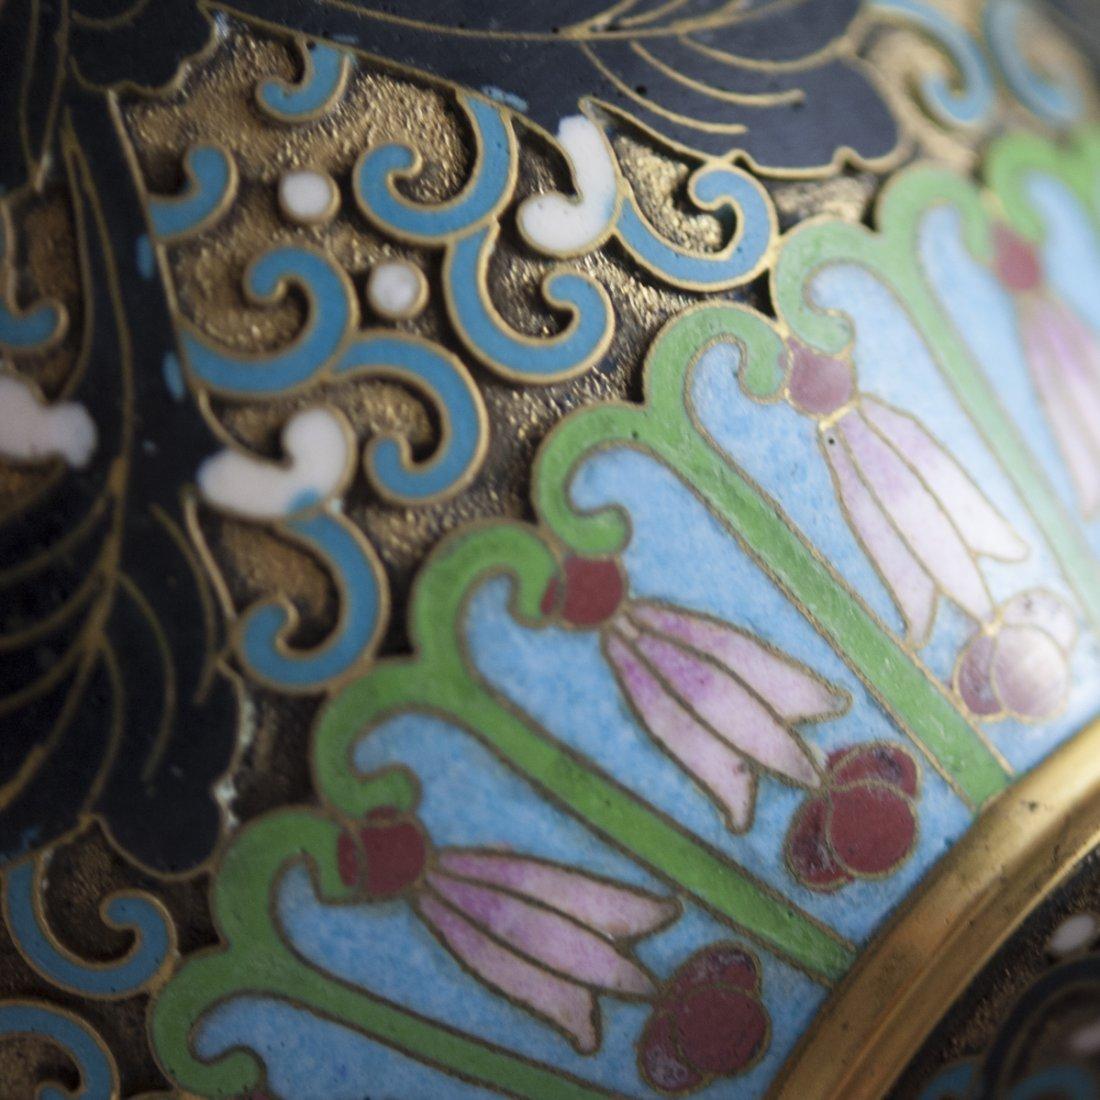 Vintage Cloisonne Enameled Vases - 6